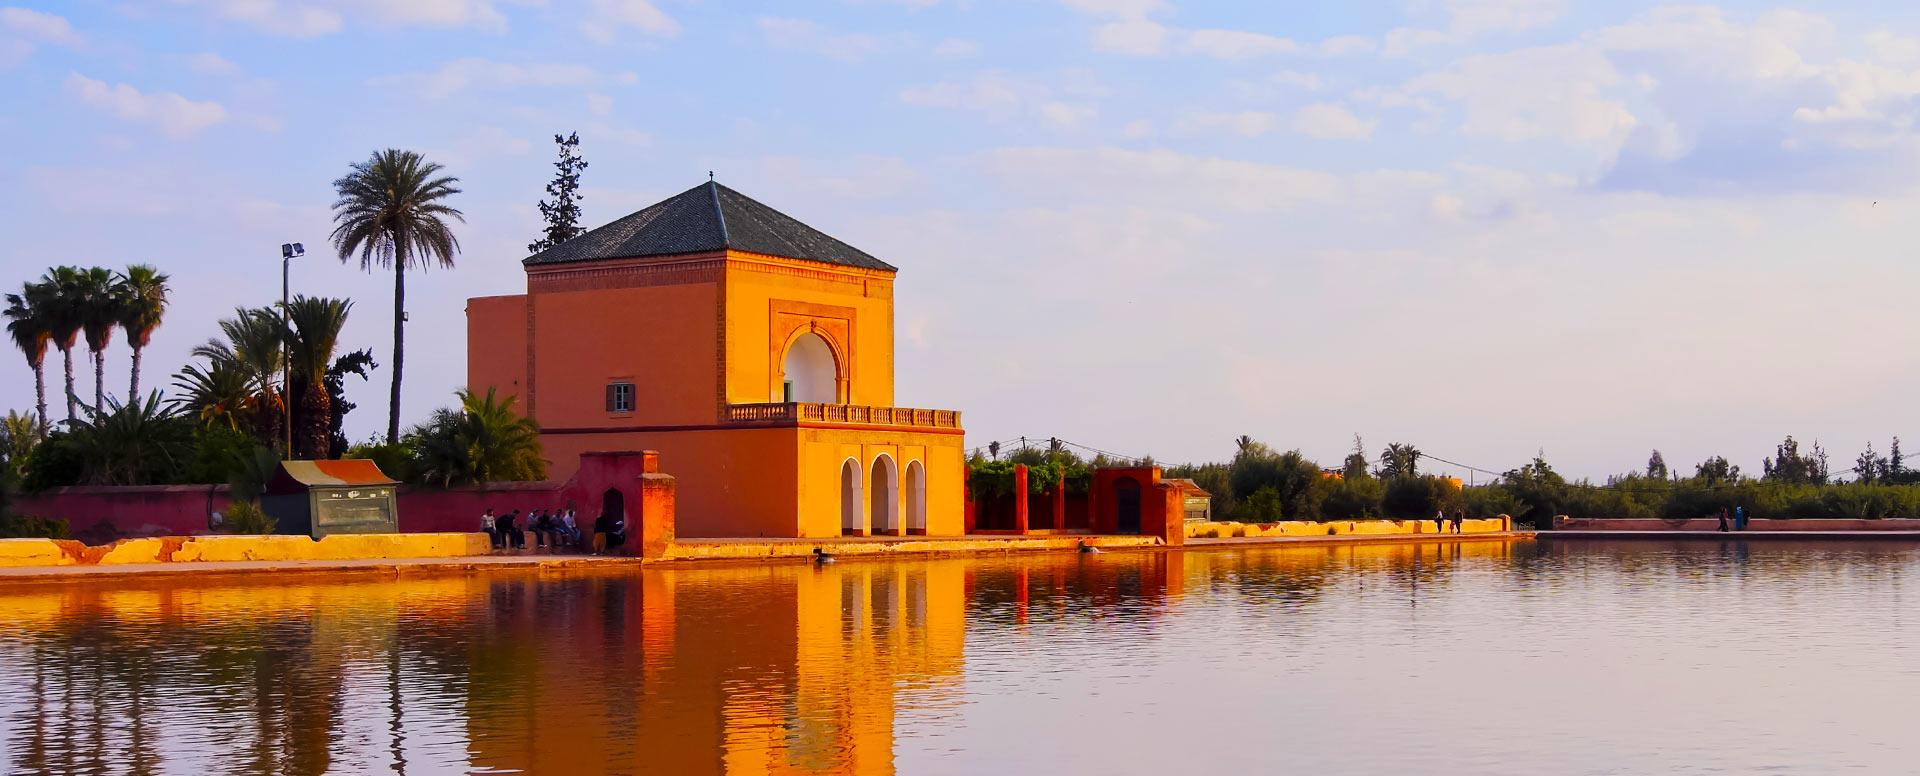 10. Faire une balade romantique dans la Ménara - Marrakech